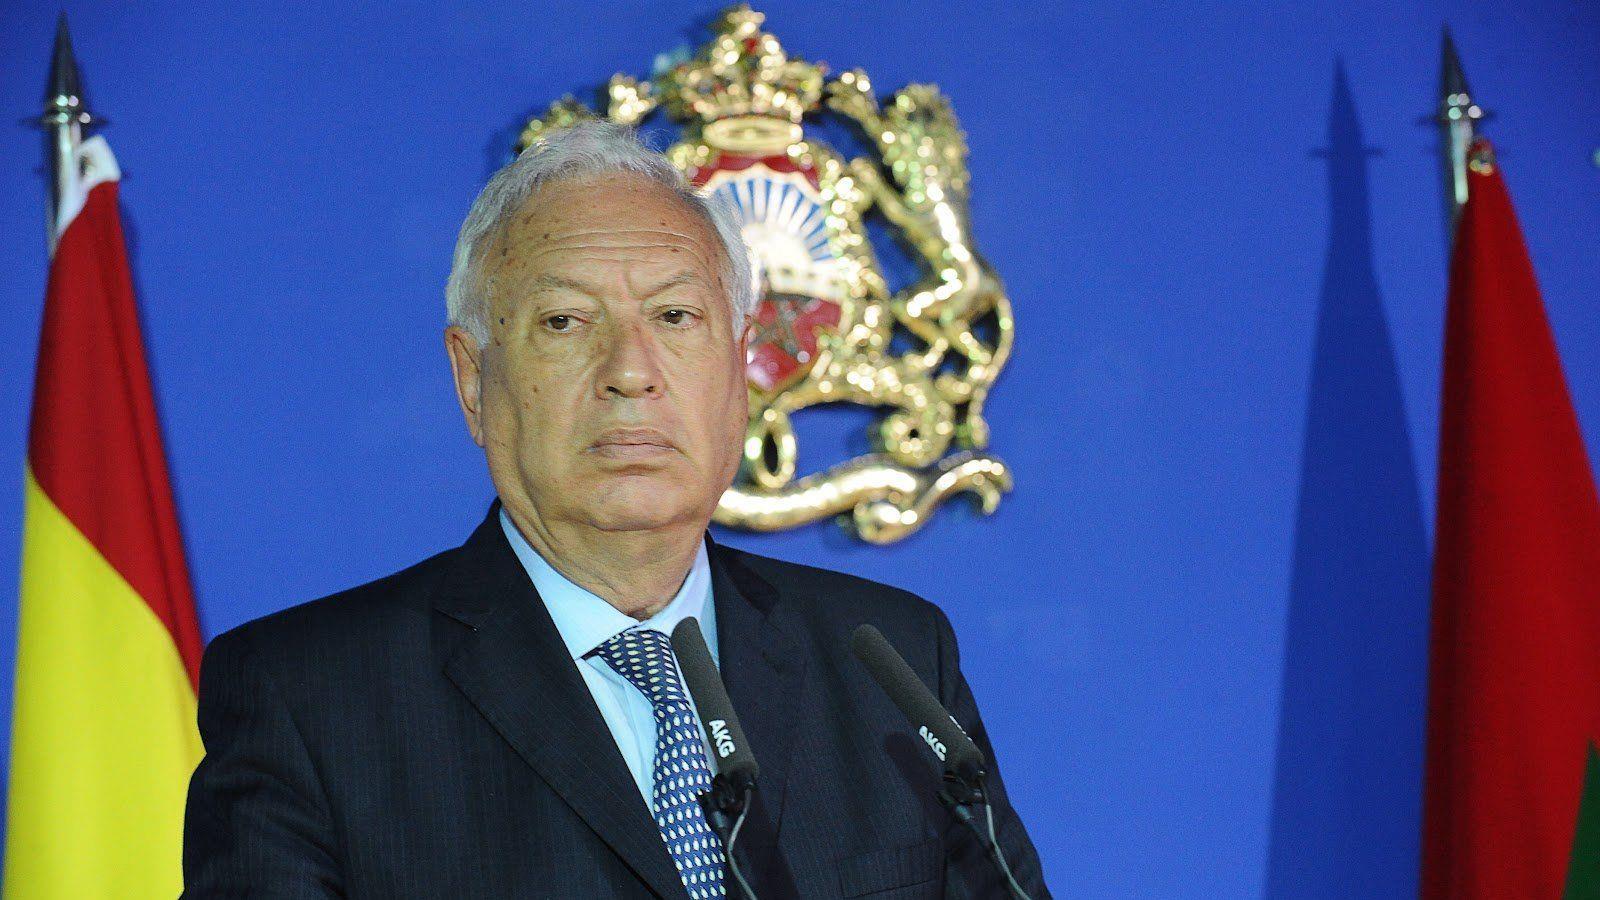 """""""مارغالو: """"في السياق الجيوسياسي الجديد، إسبانيا مطالبة بإعادة النظـر في موقفها بشأن الصحراء"""